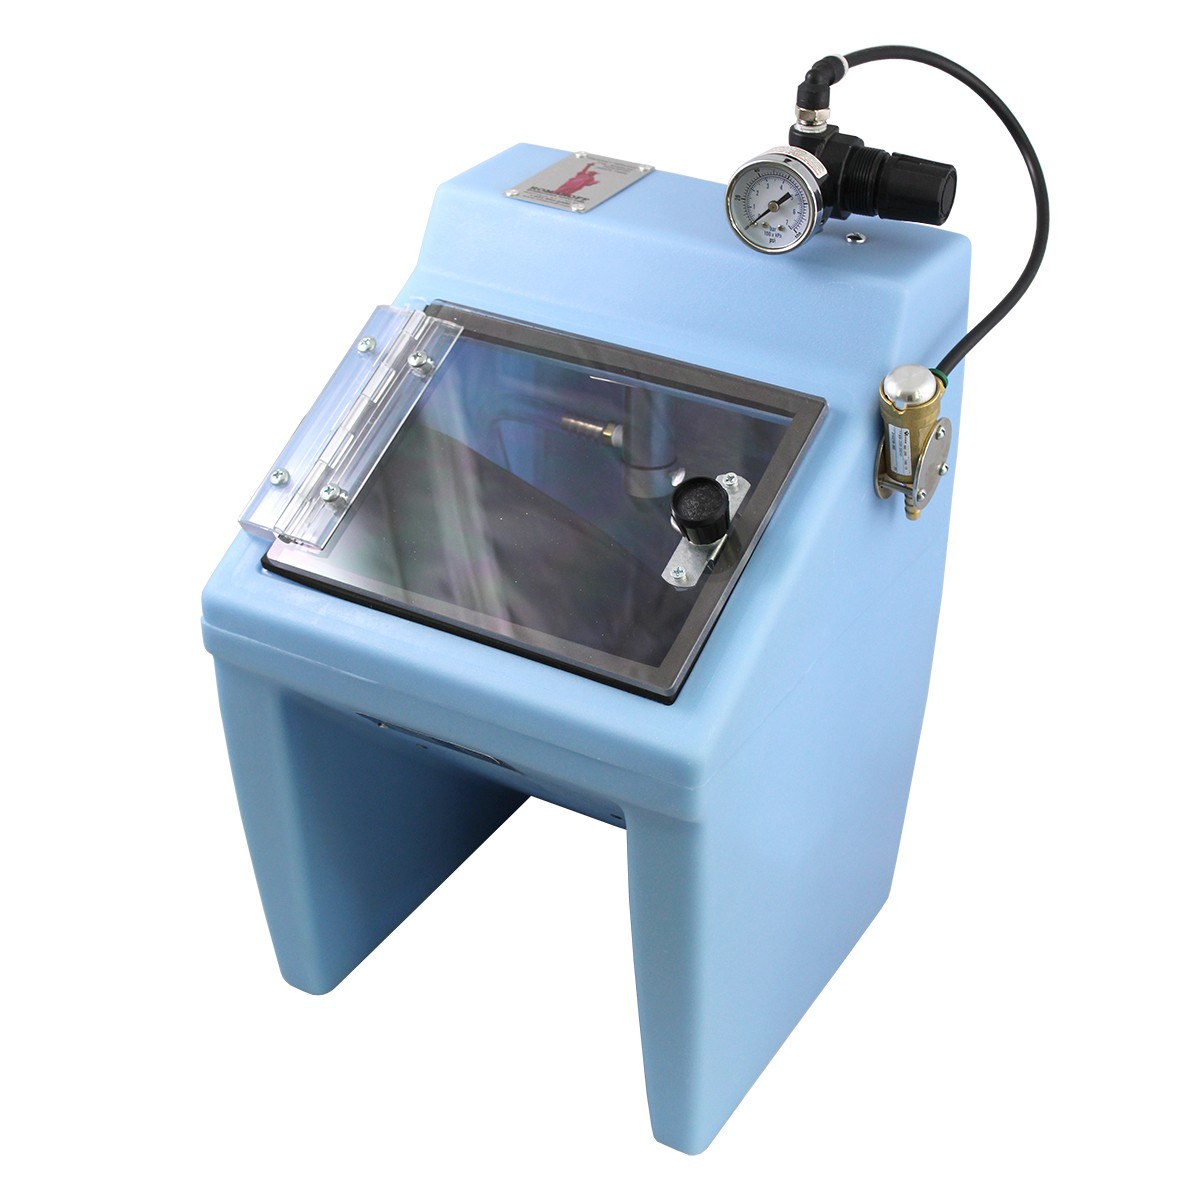 Romanoff E-Z View / E-Z Sand Blaster - 1 Hand